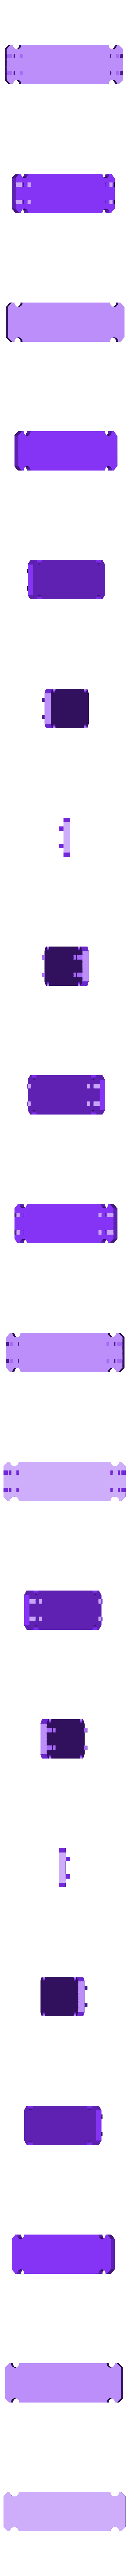 Utilaje_prensa_esc_top.obj Télécharger fichier OBJ gratuit Classe X, Utilaje para soldar cables al ESC • Plan pour impression 3D, PaulDrones